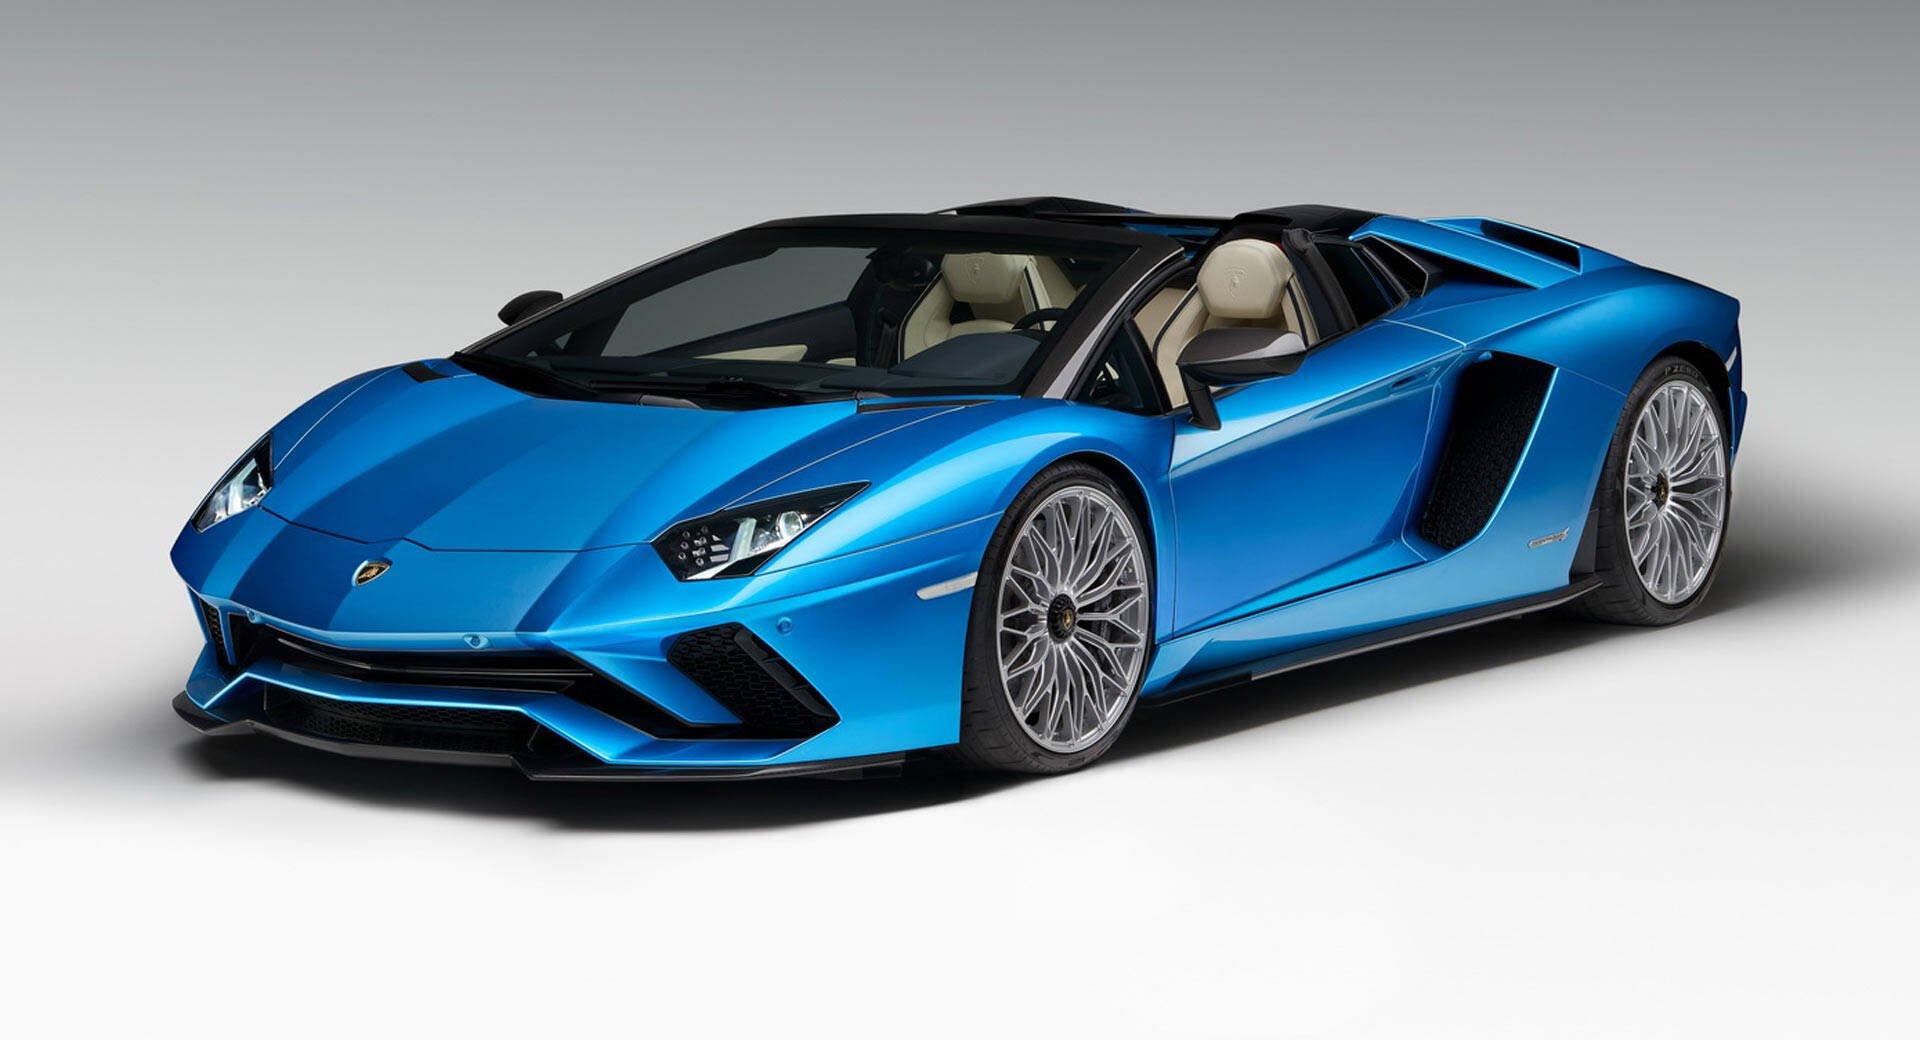 Lamborghini Aventador. Foto: Divulgação